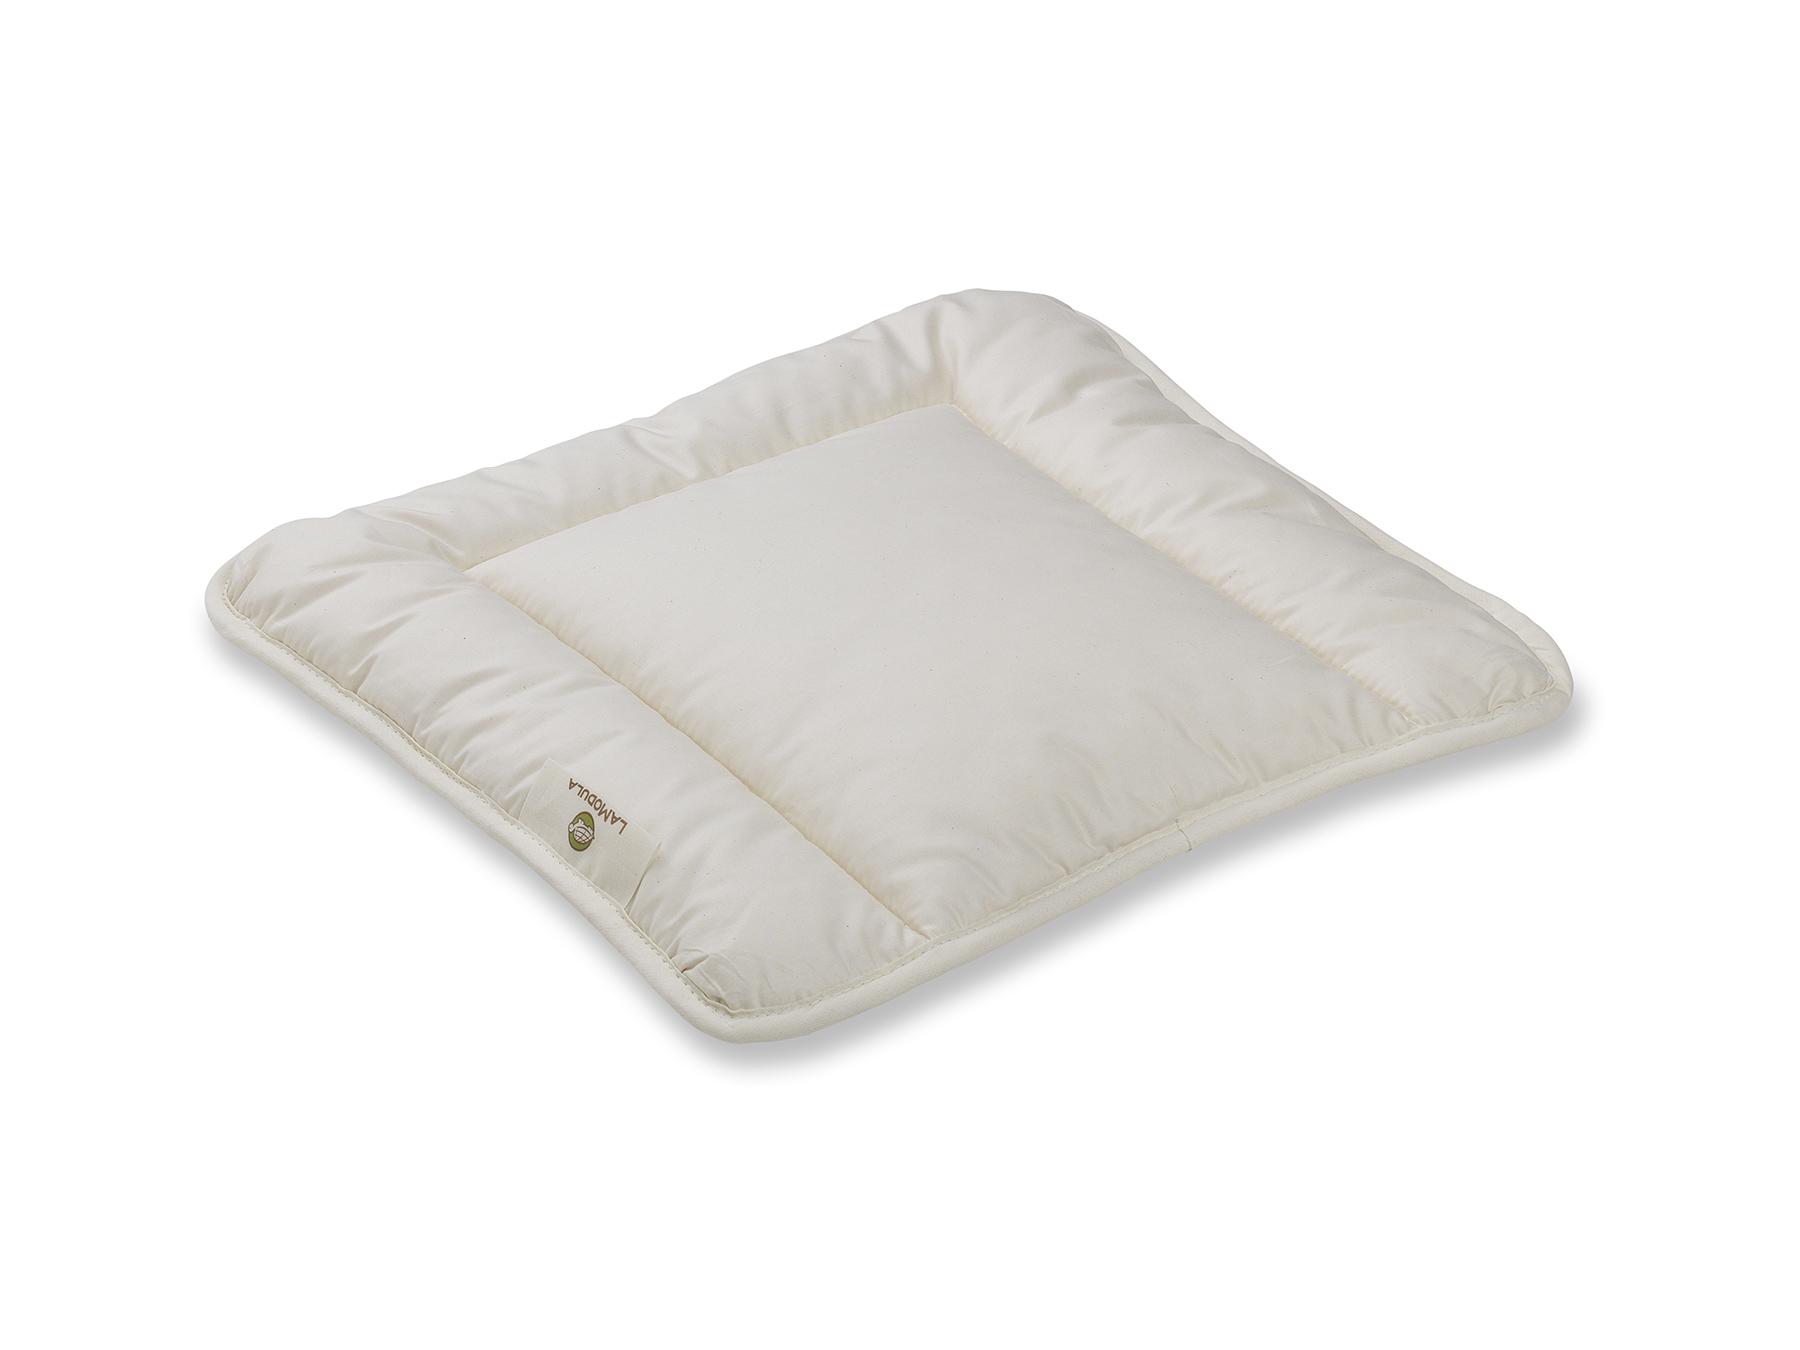 Das flache Kissen mit versteppter Hülle ist speziell für Babys gefertigt.